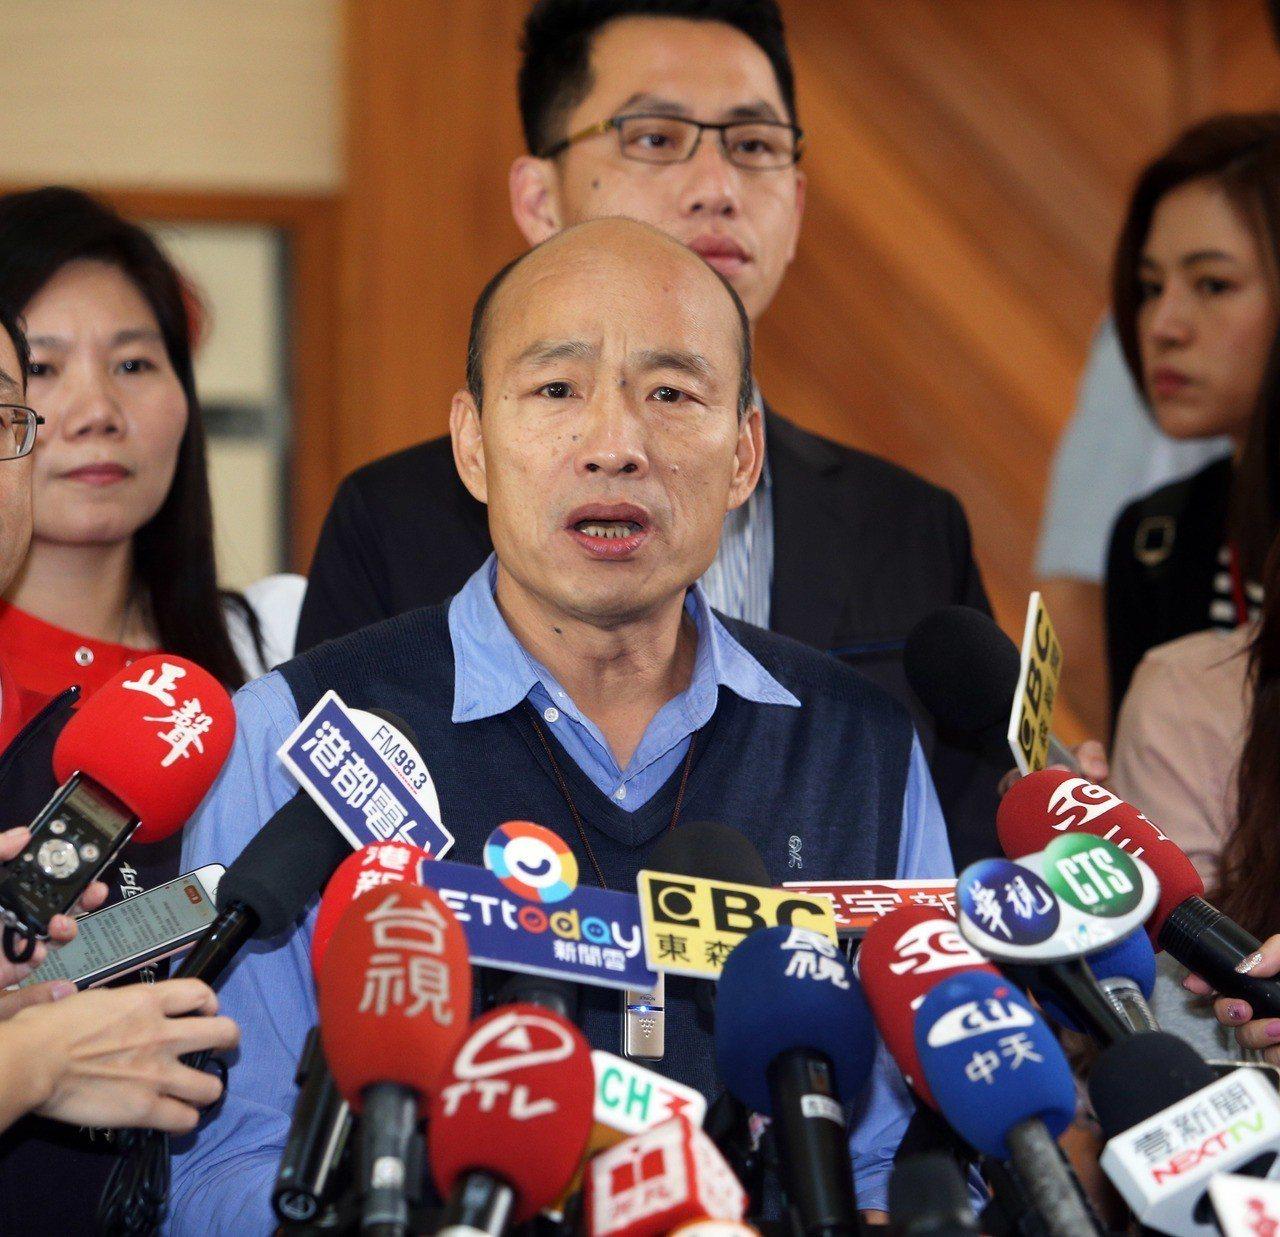 高市長韓國瑜昨公開在議會表示反對一國兩制,但行政院前院長賴清德卻籲韓國瑜要到對岸...